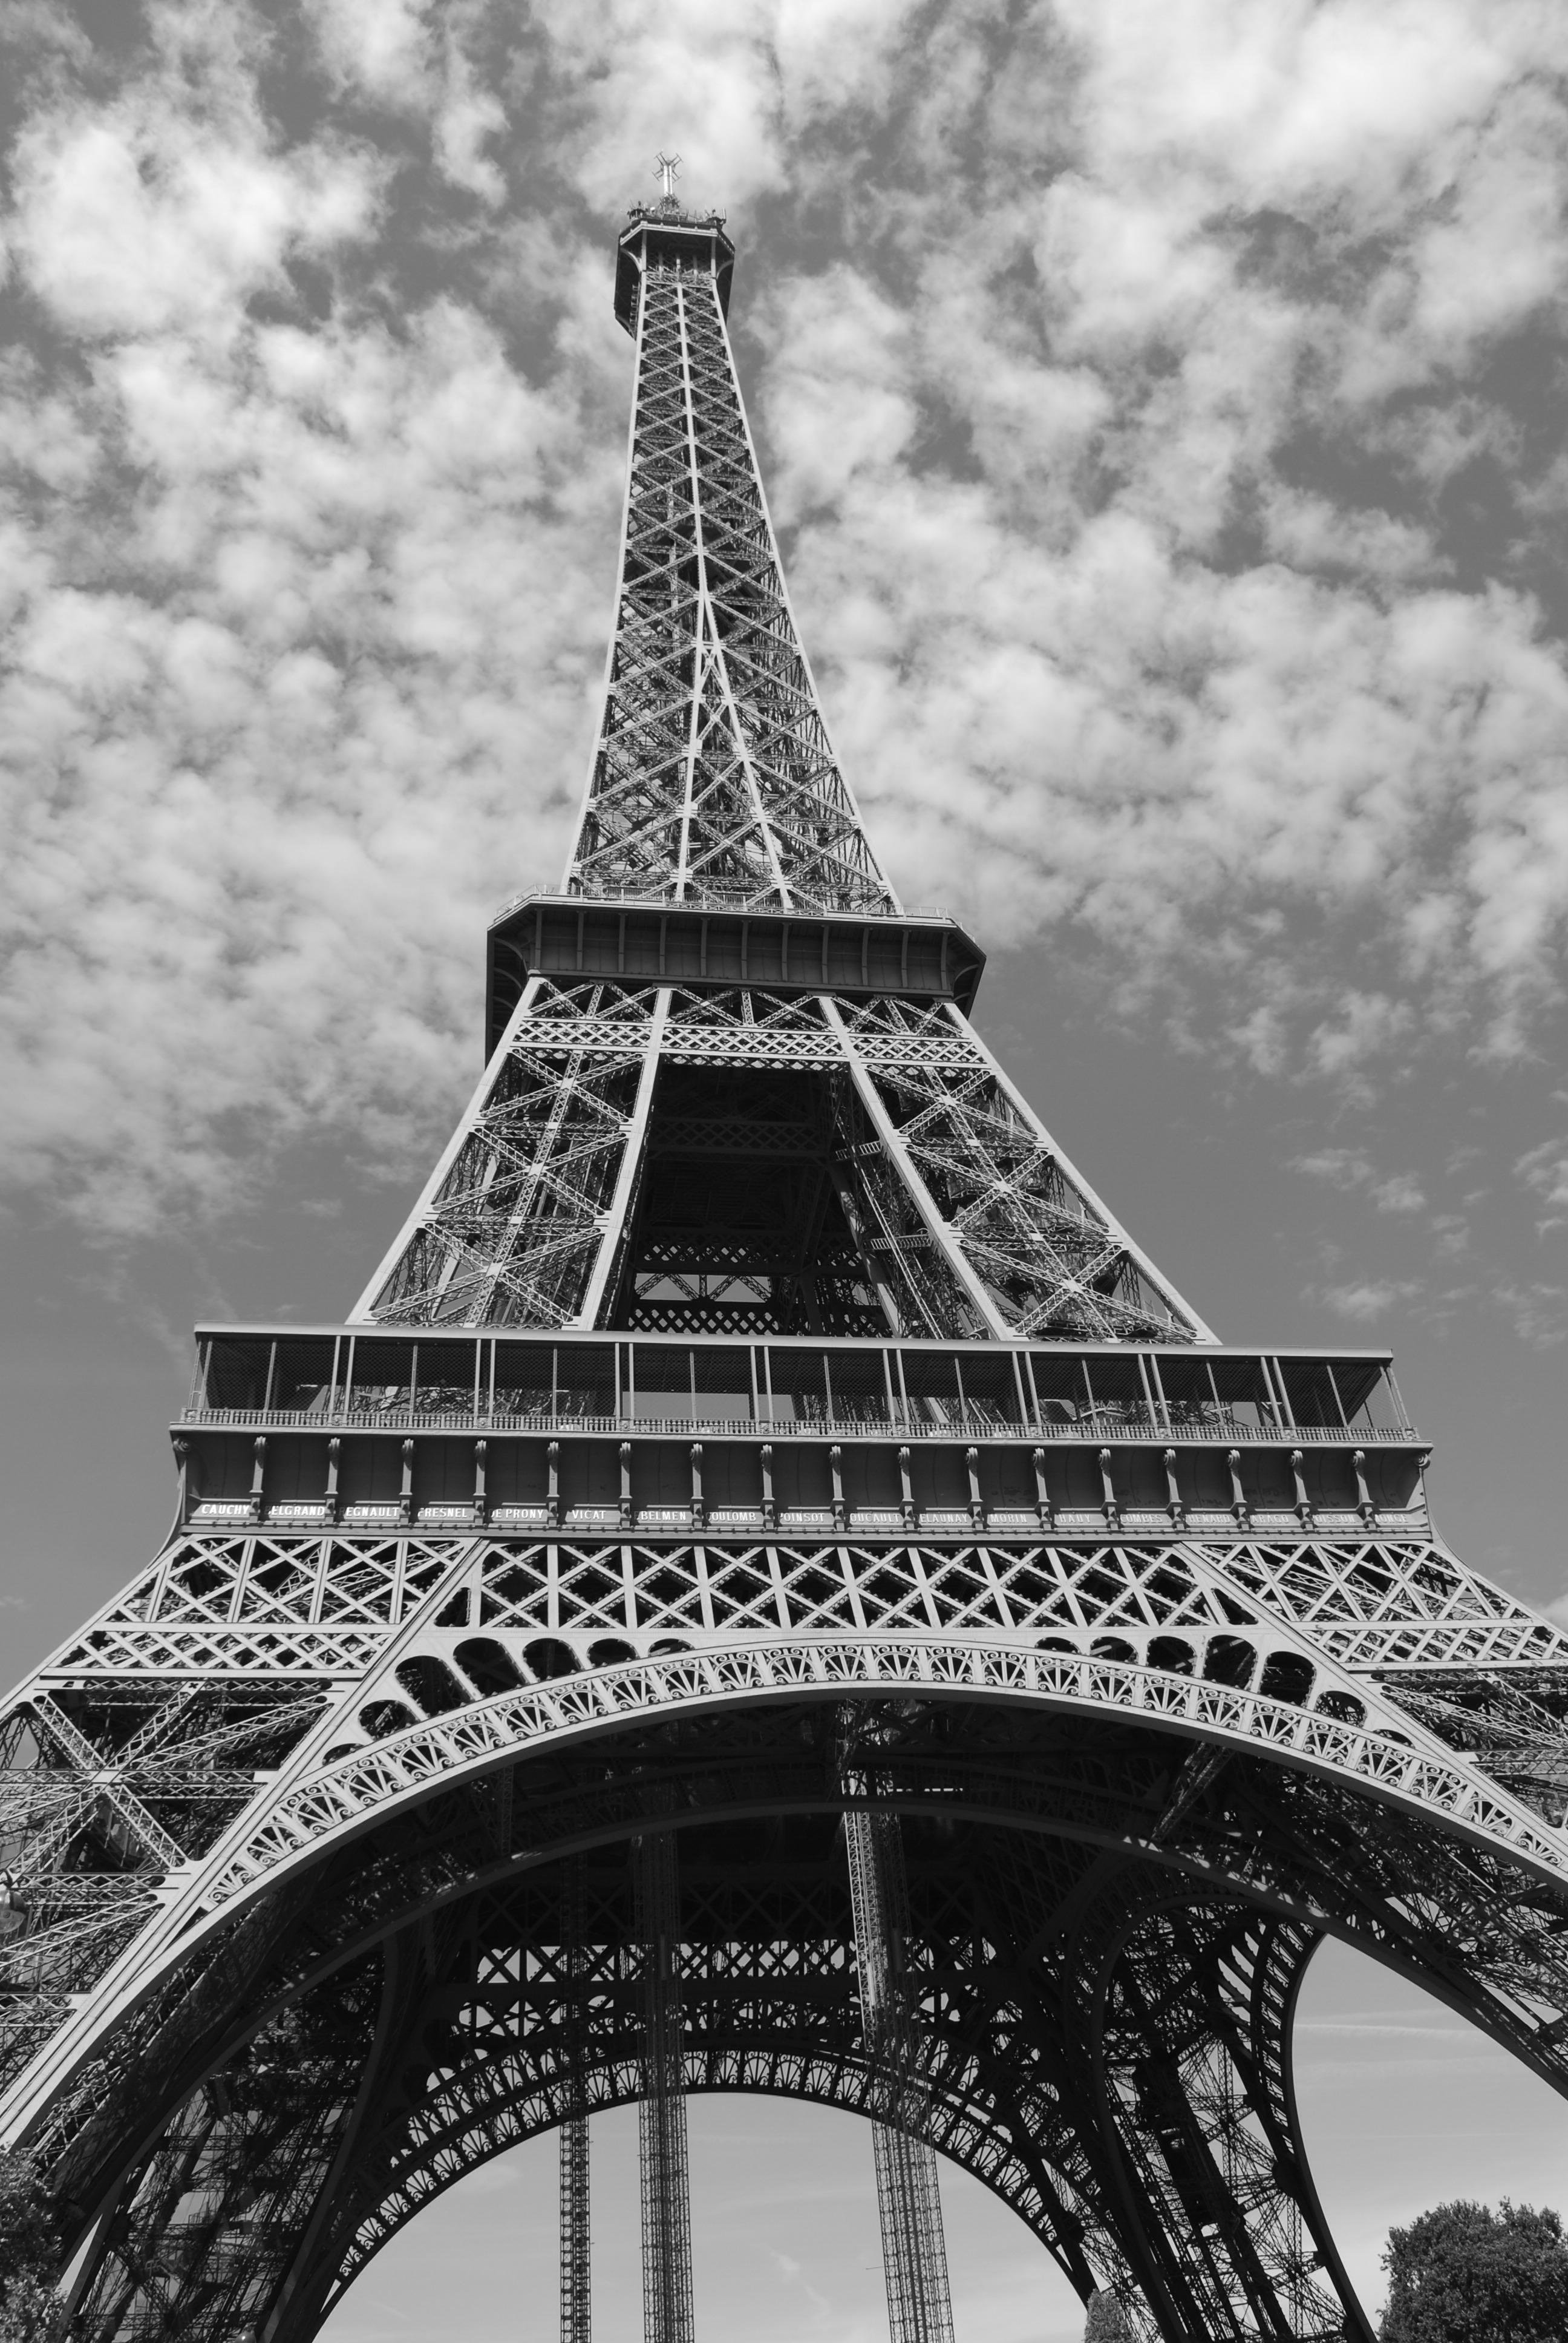 Fotos gratis en blanco y negro ciudad torre eiffel par s rascacielos monumento paisaje - Fotos en blanco ...